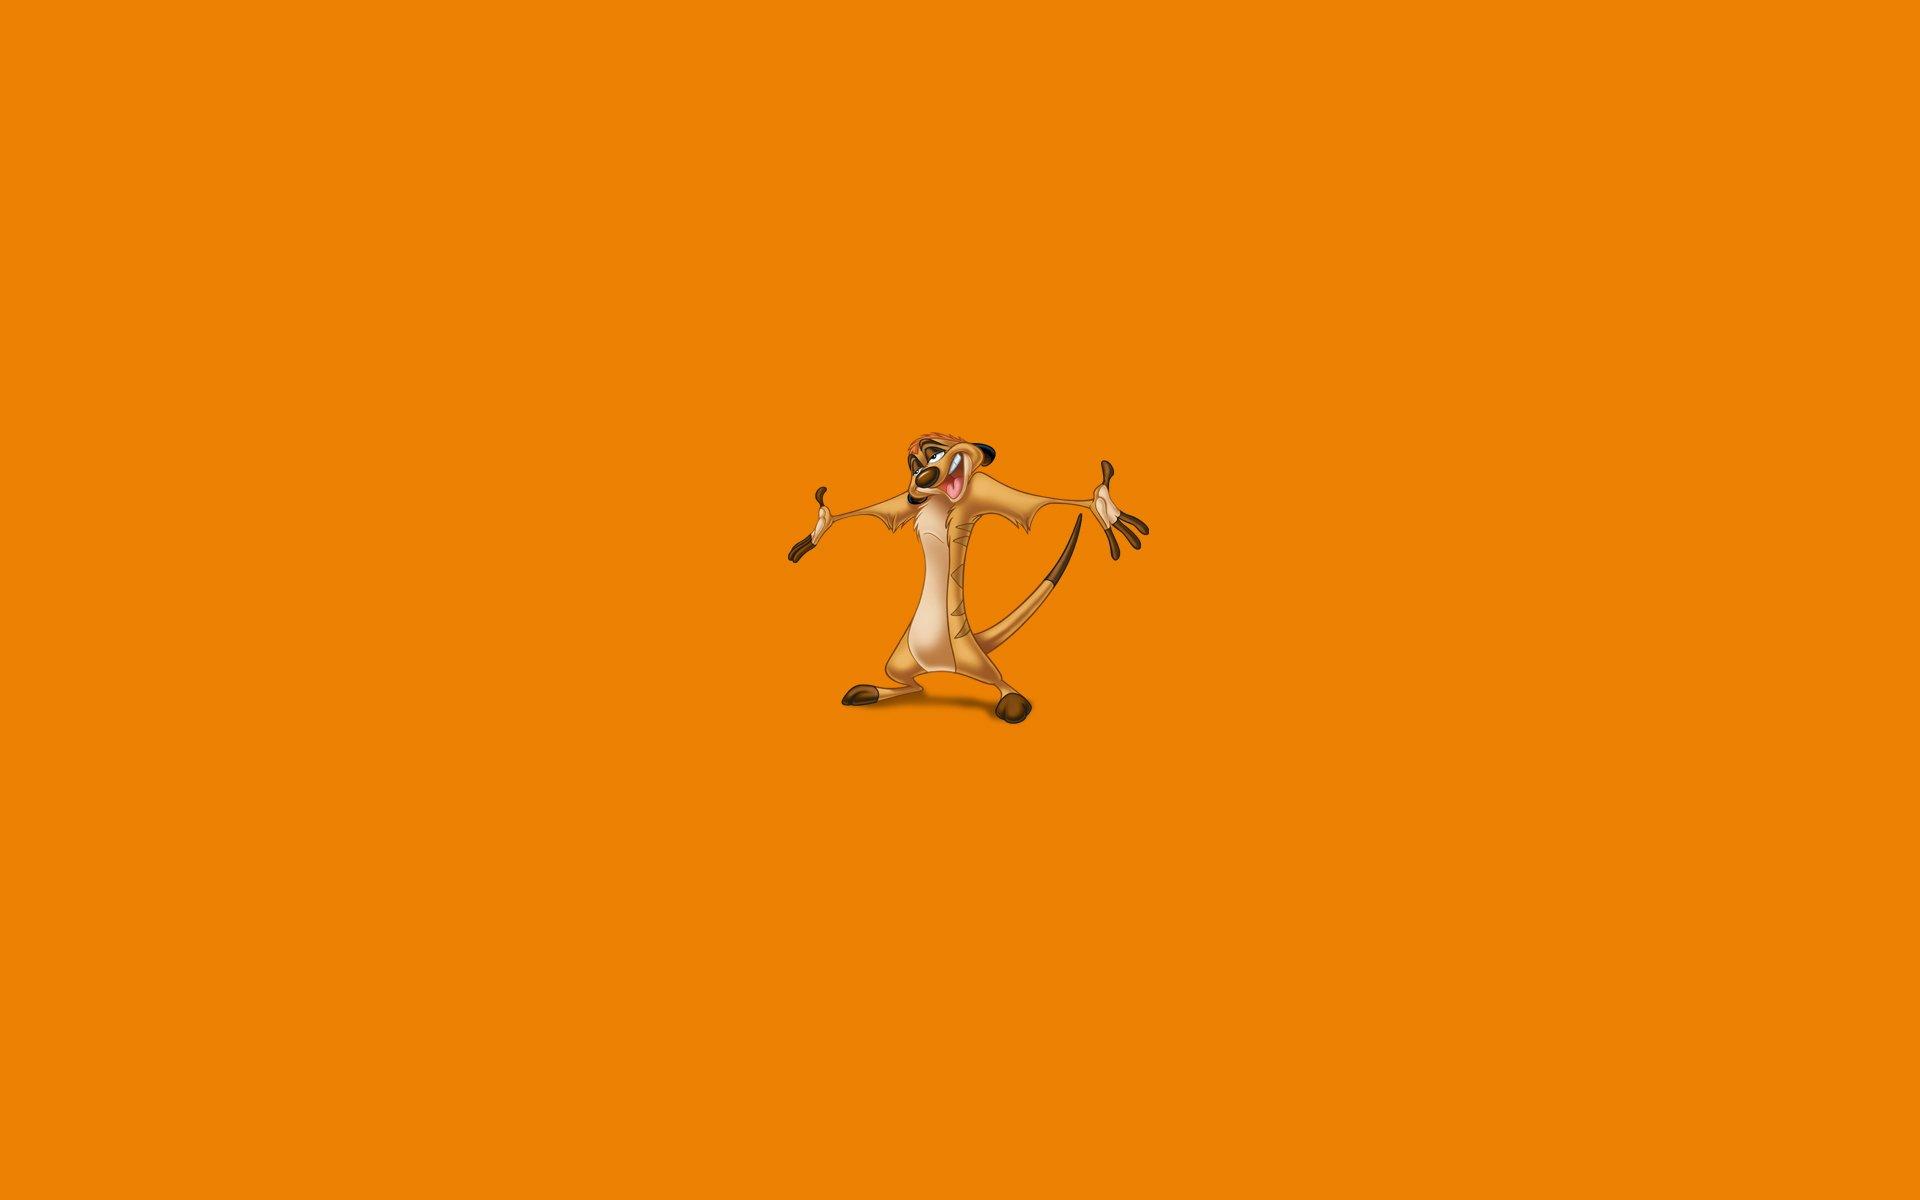 Pubg Orange Wallpaper: Le Roi Lion Fond D'écran HD